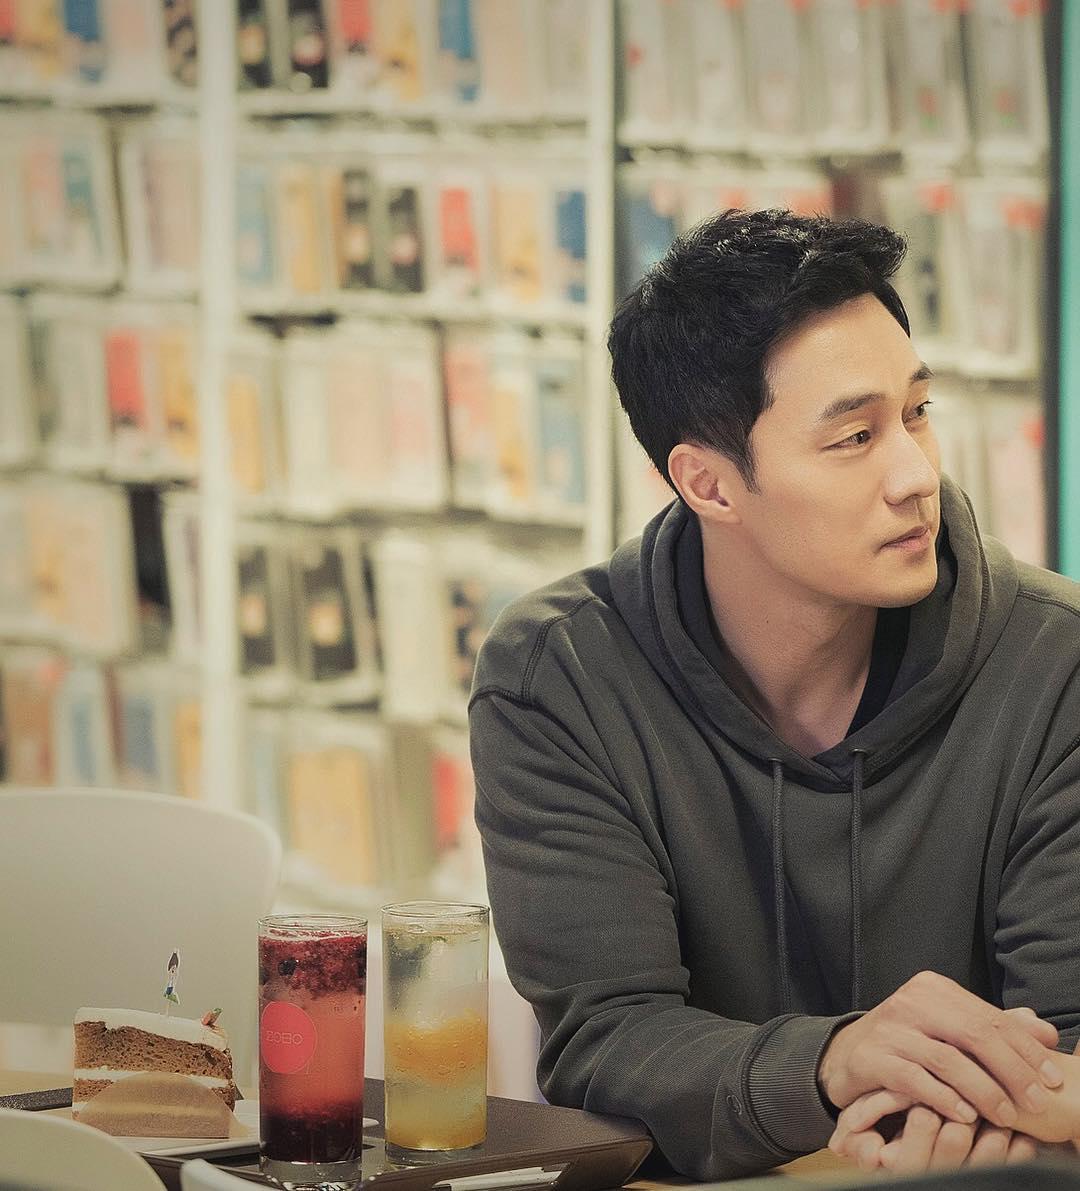 韩剧男神理想型条件大盘点,快来看看你符合哪位韩星的要求?插图5